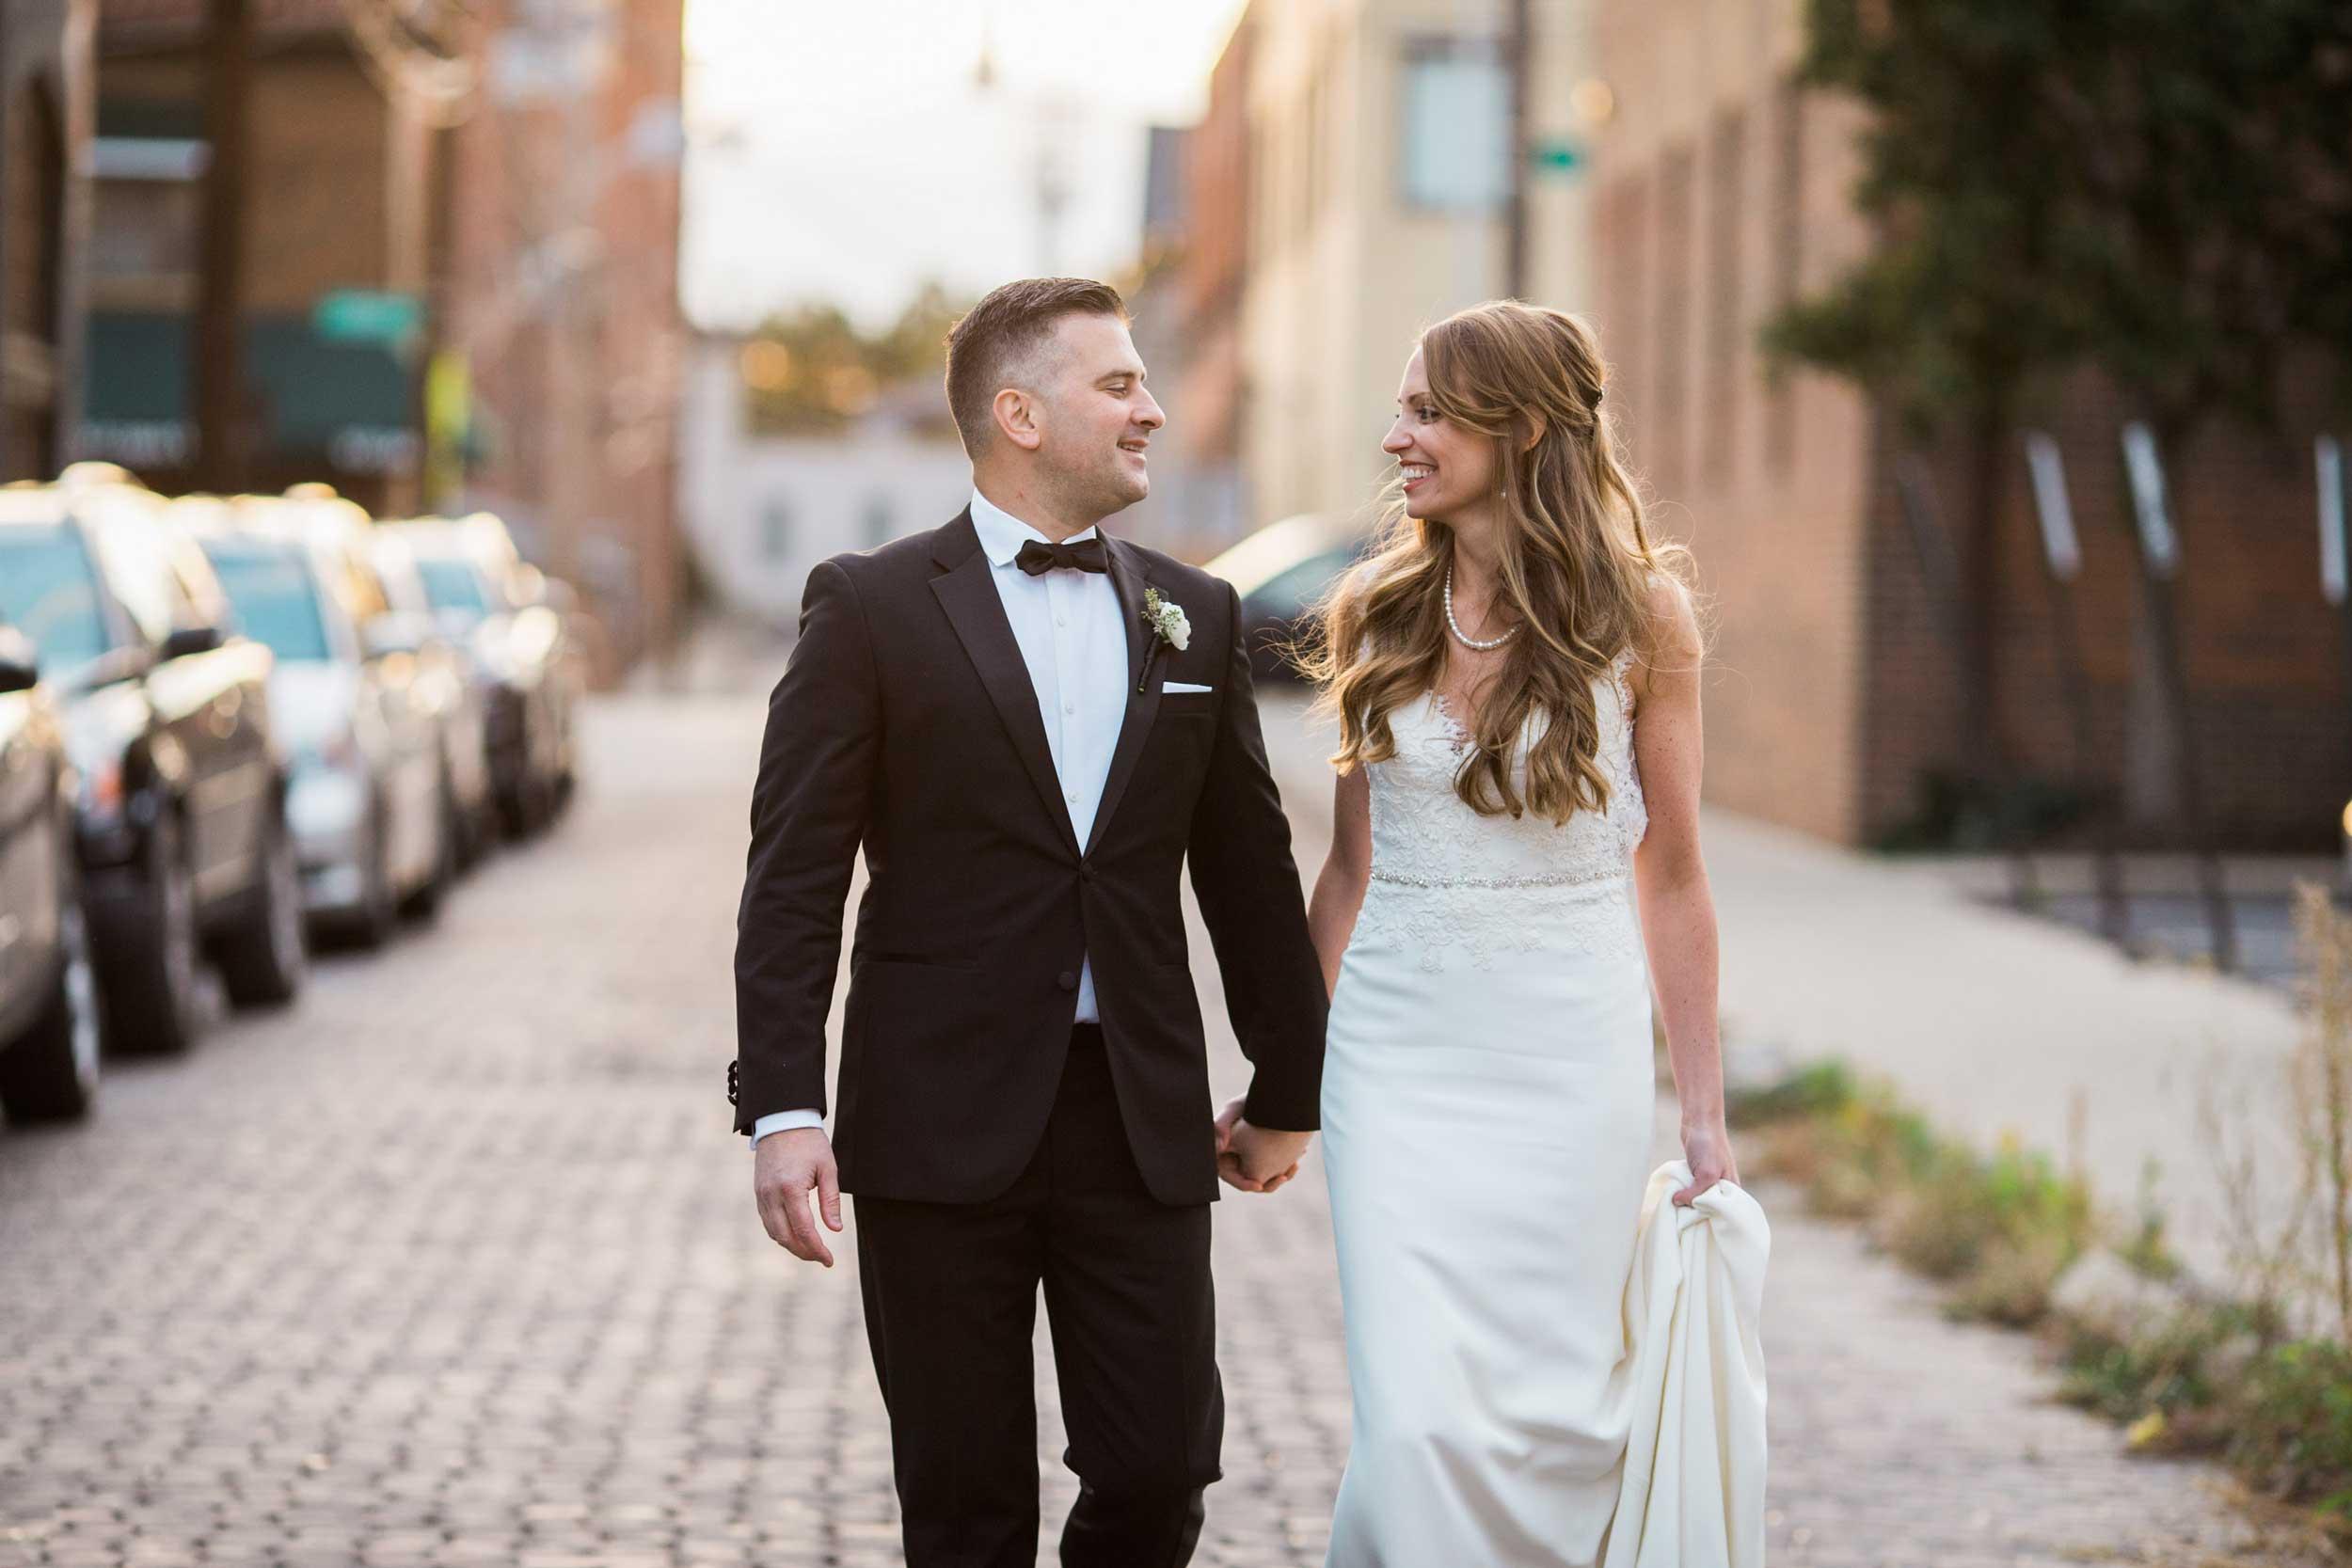 Bride and groom walking in the street in German Village in Columbus, OH